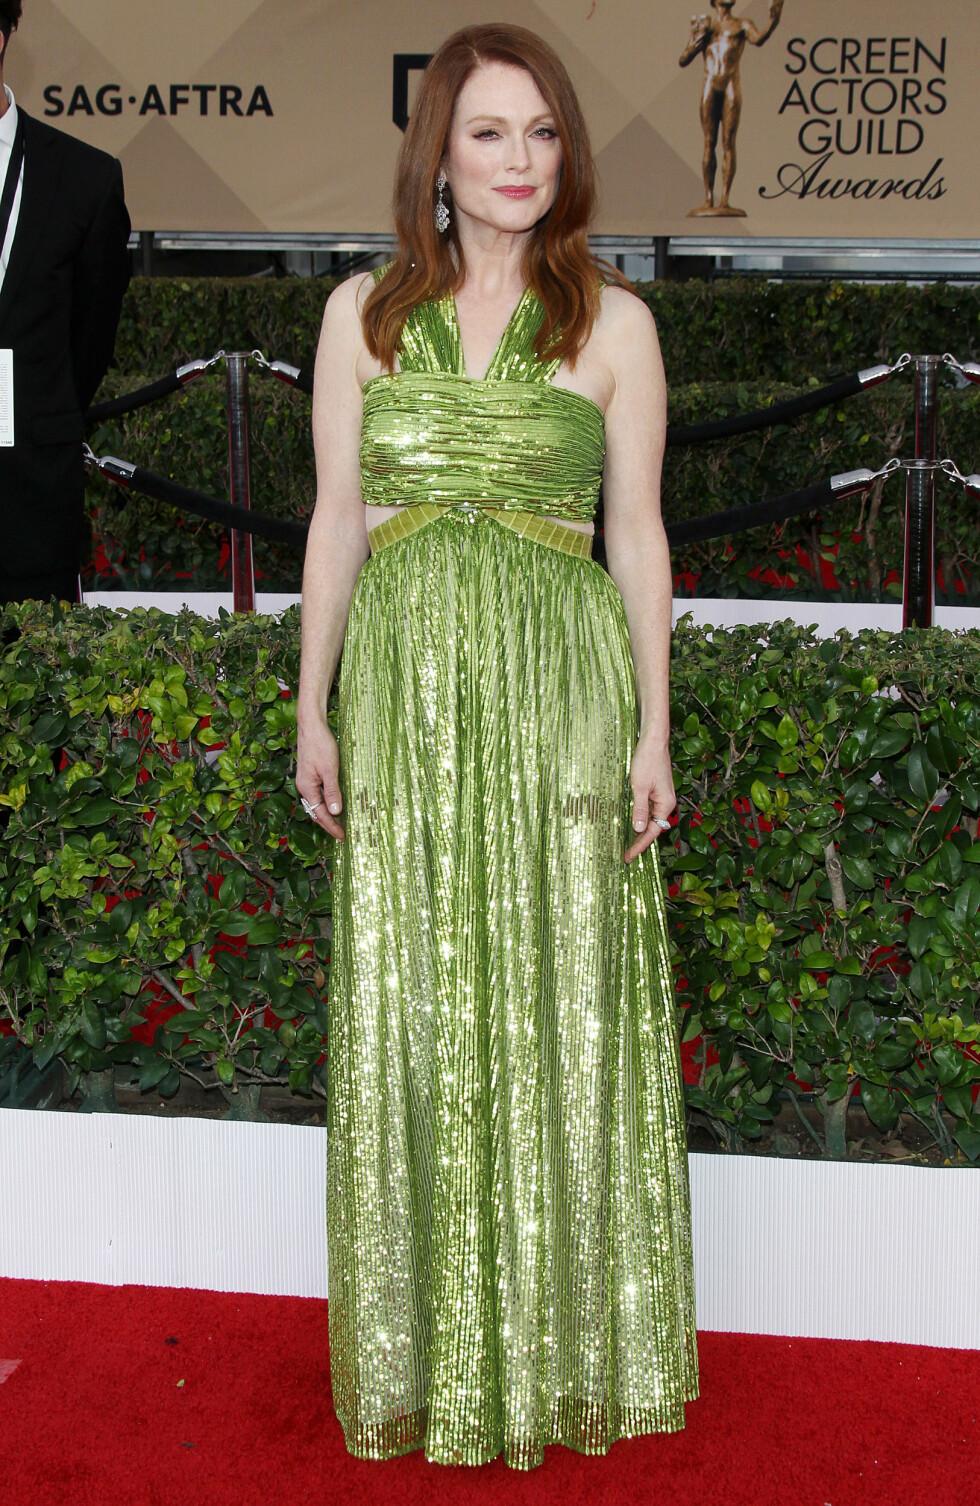 VÅGAL: Julianne Moore hadde på seg en lysgrønn kjole som passet fantastisk til hennes kobberrøde hår.  Foto: Broadimage